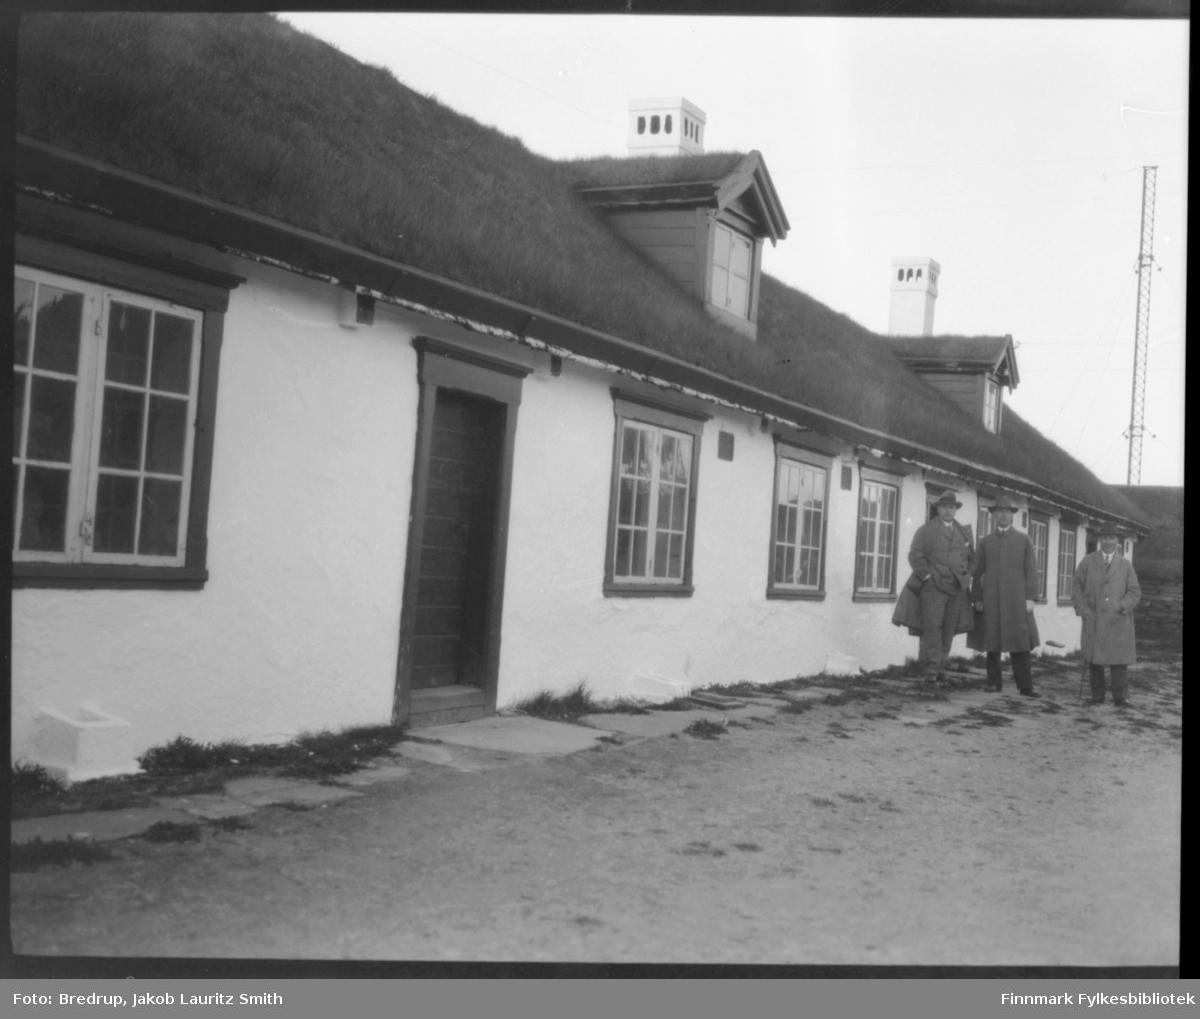 Tre menn fotografert foran garnisonsbrakken, også kalt kasernen eller 'slaveriet', på Vardøhus festning.  Mennene er kledd i hatt og frakk.  I bakgrunnen noe som ser ut som en radiomast.  Bygningen har torvtekt tak med gress, og bygningsdetaljer som vinduer og et par arker på taket kommer godt fram.